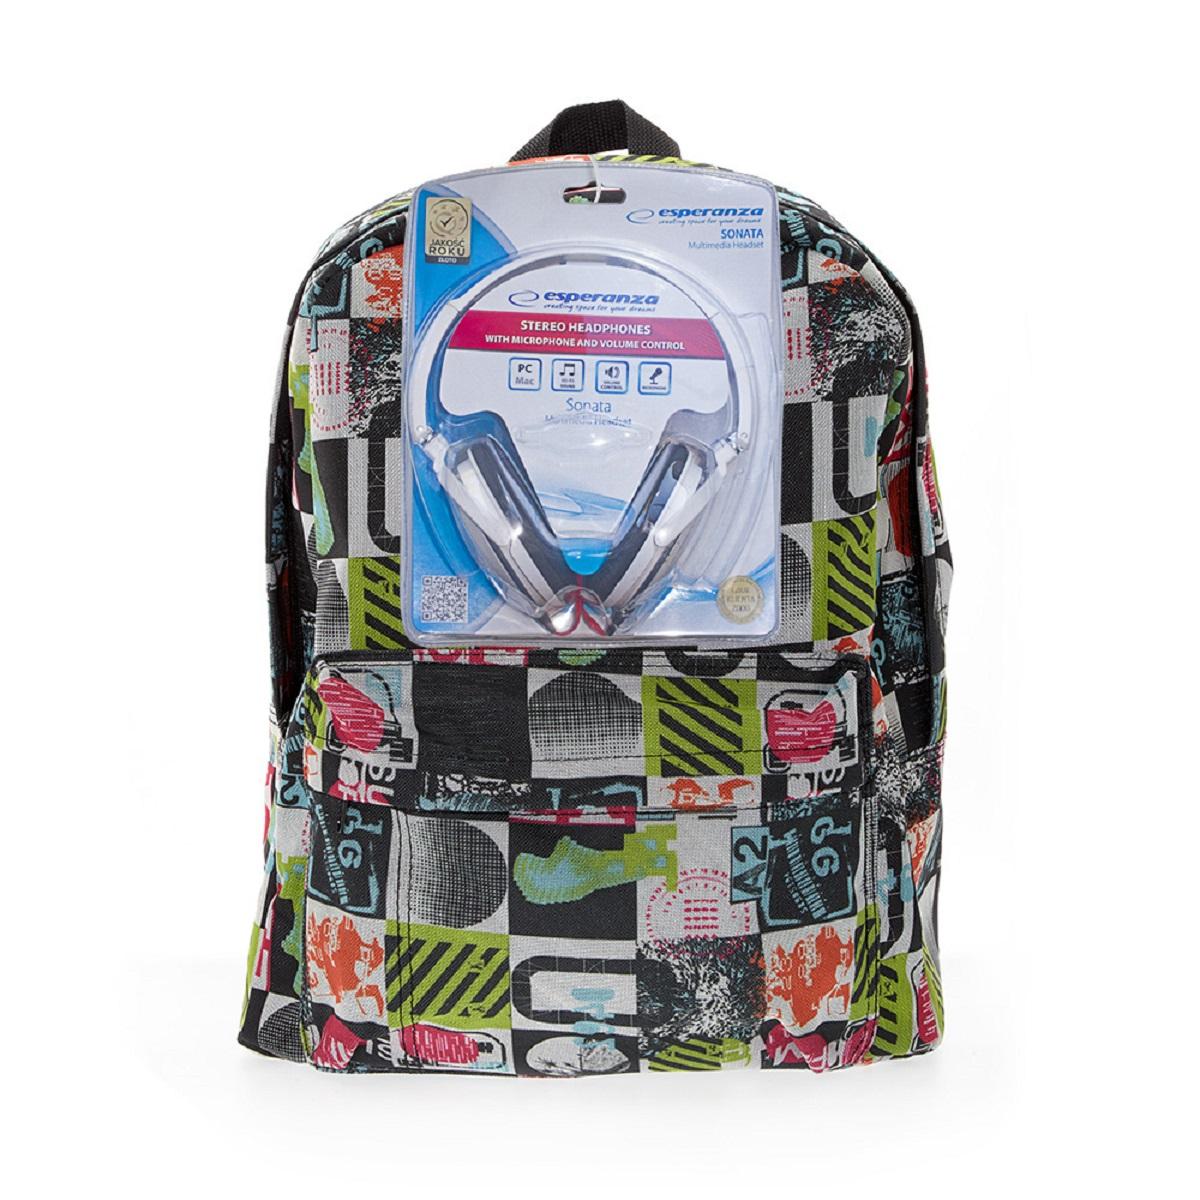 Рюкзак городской 3D Bags Луна, 16 л + ПОДАРОК: Наушники3DBC490NСтильный, вместительный и практичный, рюкзак понравится и школьникам, и студентам. Просторный внутренний отсек, наружний карман на молнии будут очень удобны в использовании. В комплект входят белые стереонаушники с мягкими ушными подушками. Длина кабеля 2м, разъем 3,5мм, сопротивление 32 Ом, диапазон часто - 20 Гц-20000 Гц, выходная мощность - 100 мВт.Наушники поставляются в цветовом ассортименте. Поставка осуществляется в зависимости от наличия на складе.